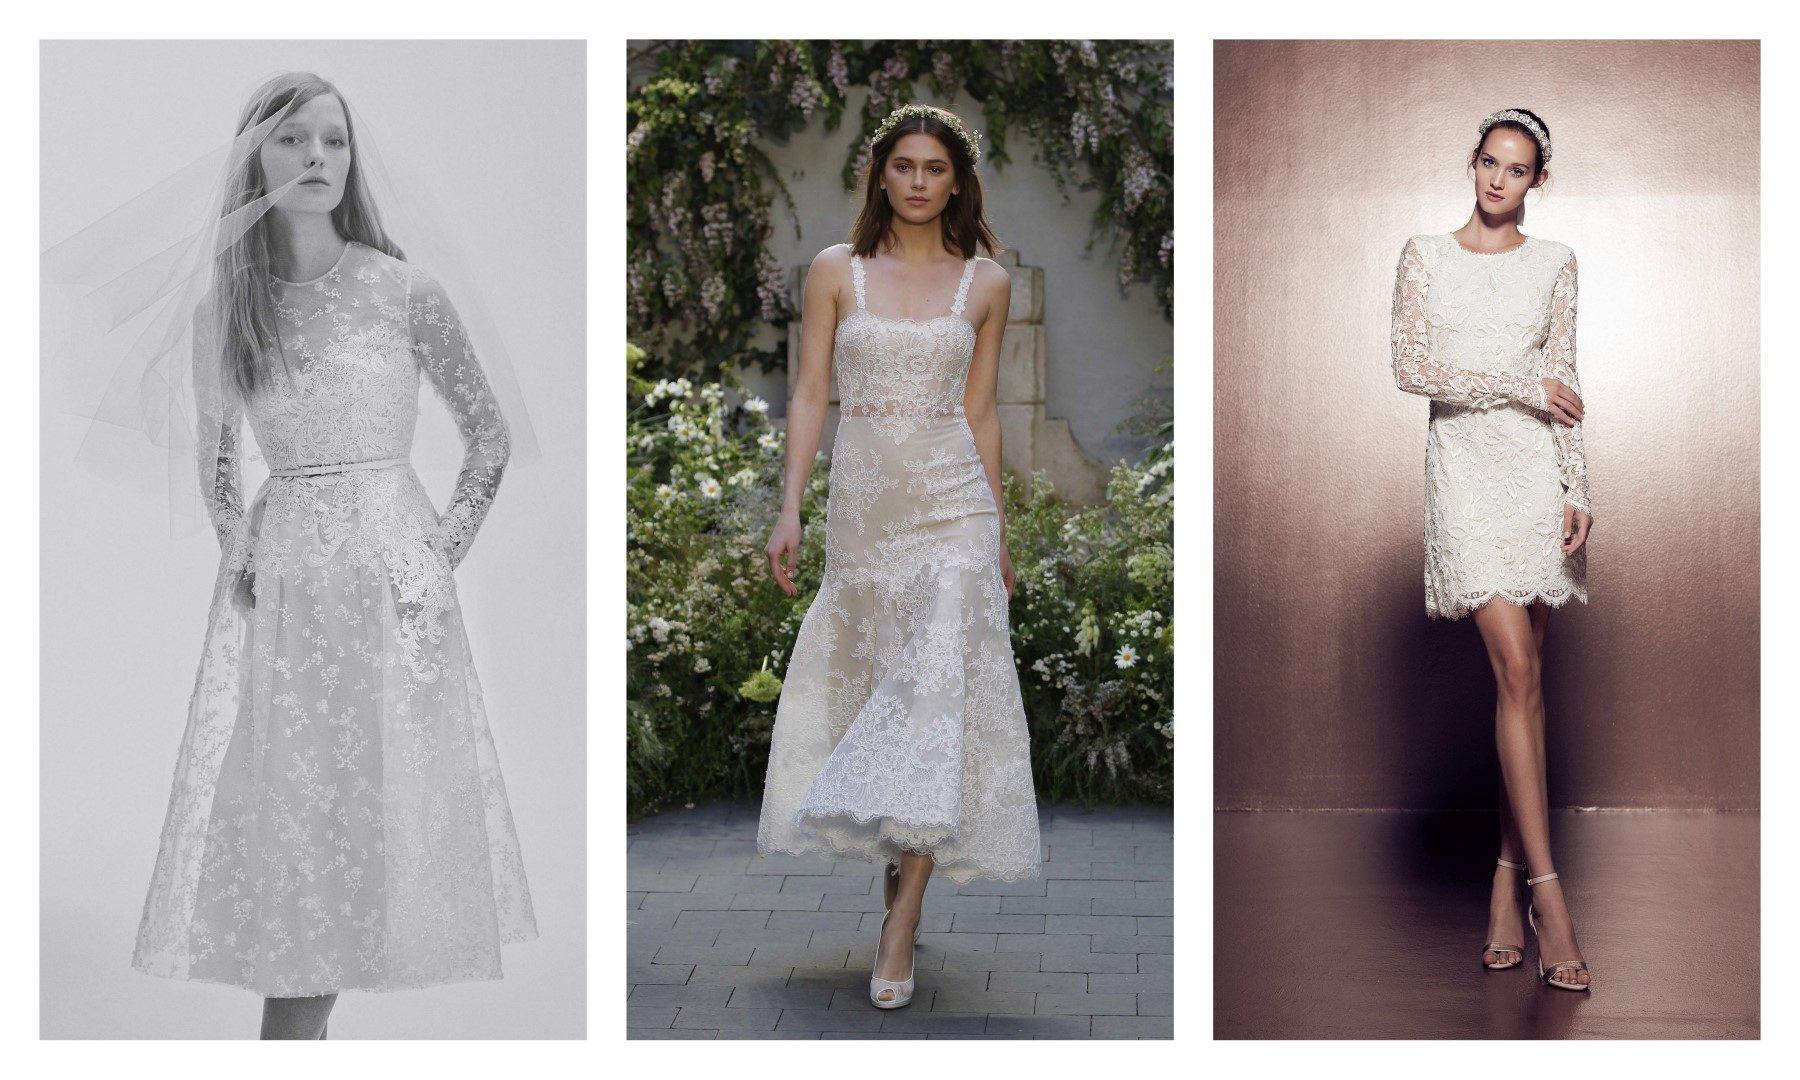 Ilyen lesz az esküvői ruha 2017-ben – A képeken látható esküvői ruhamárkák  listája balról jobbra haladva  Naeem Khan 855638a6f5